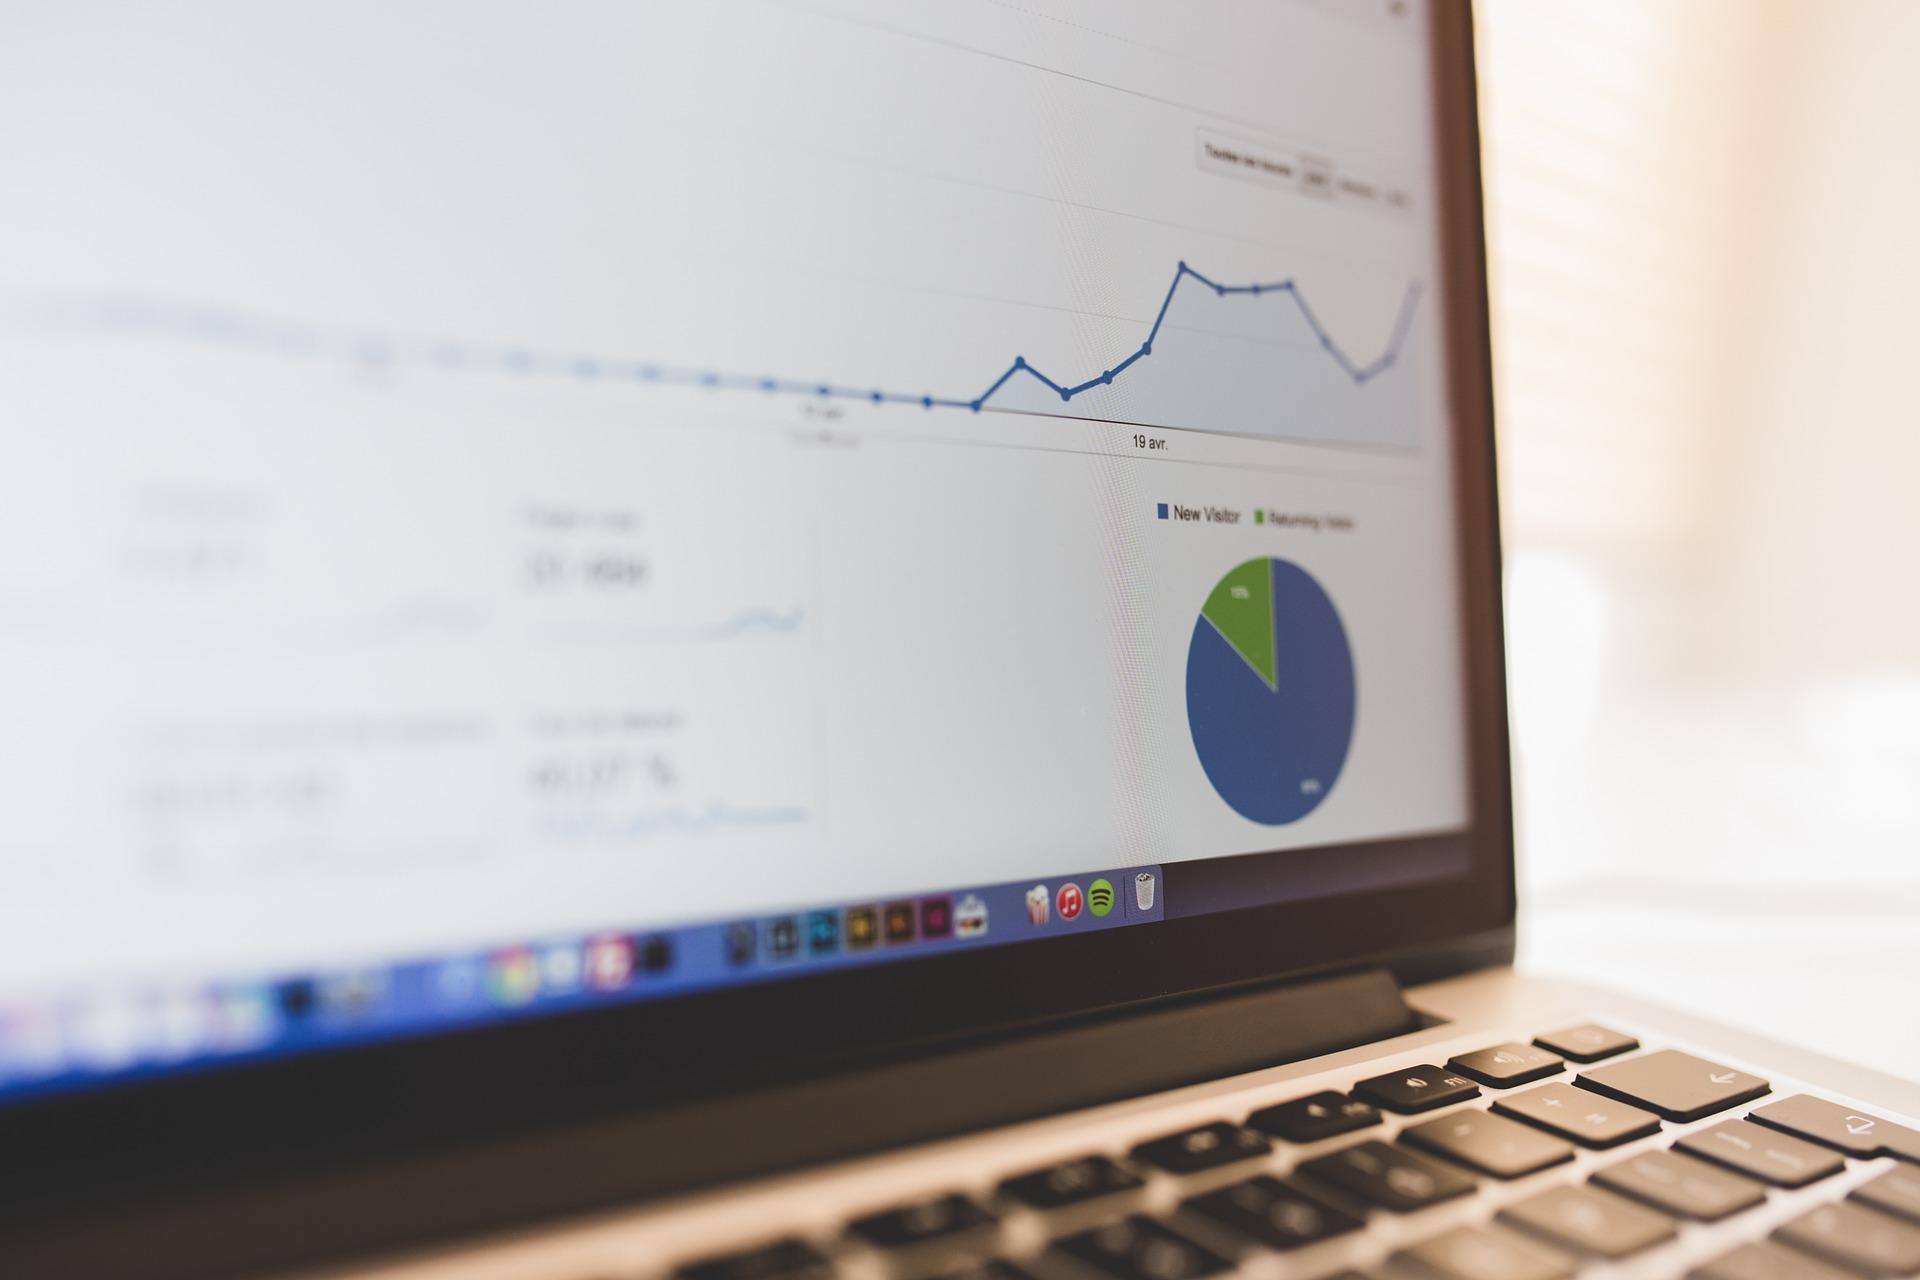 métricas de uma ótica online